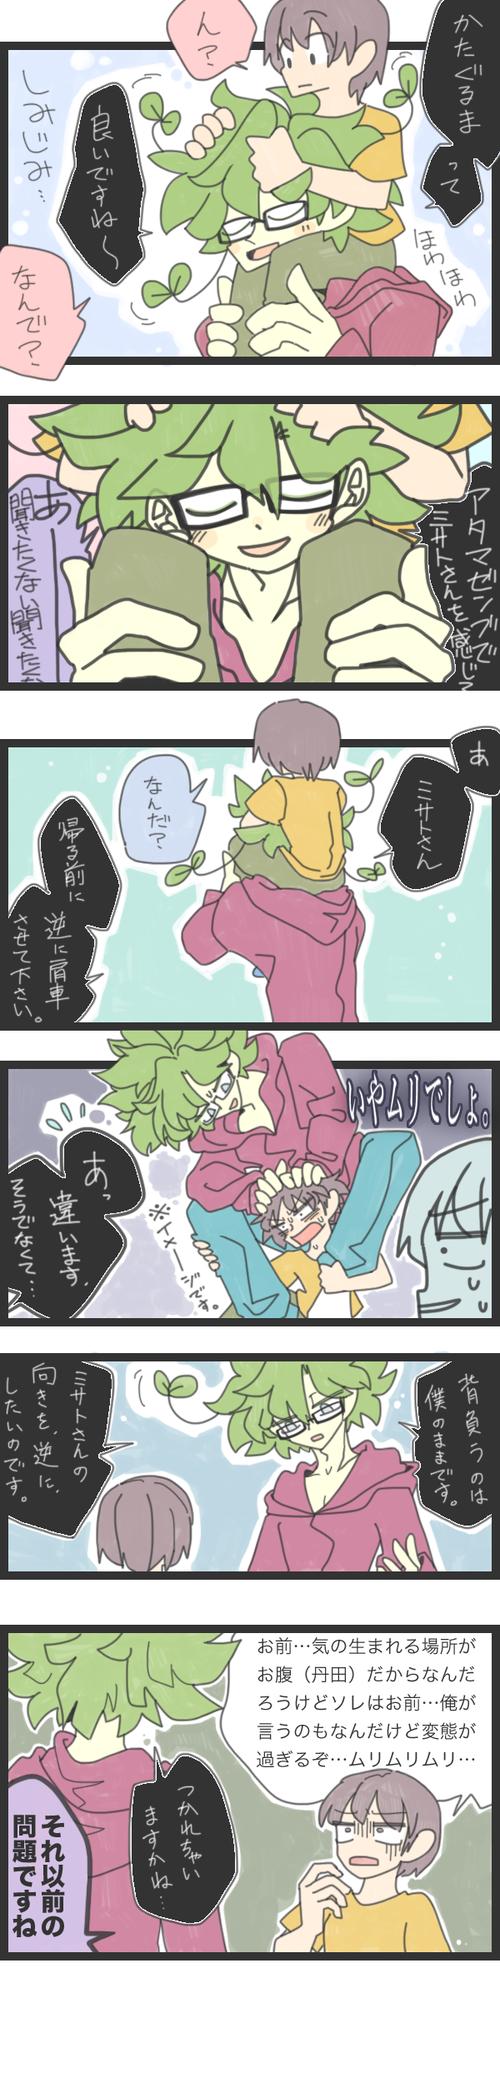 iroiro_hentai_mdsn_210626